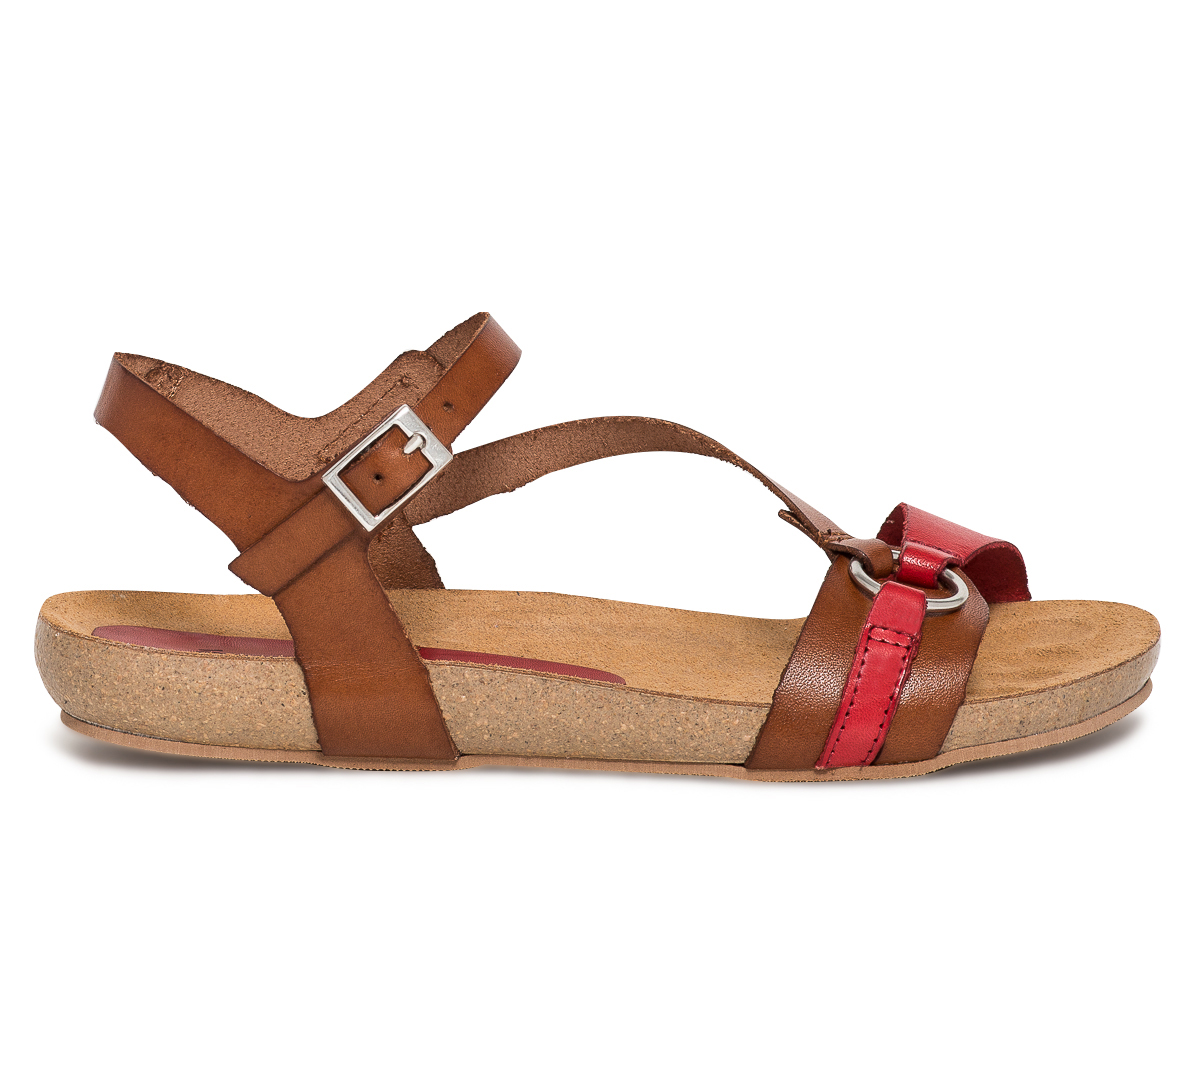 Sandale Rouge Marron Cuir Et Eram Anatomique K1JlFc